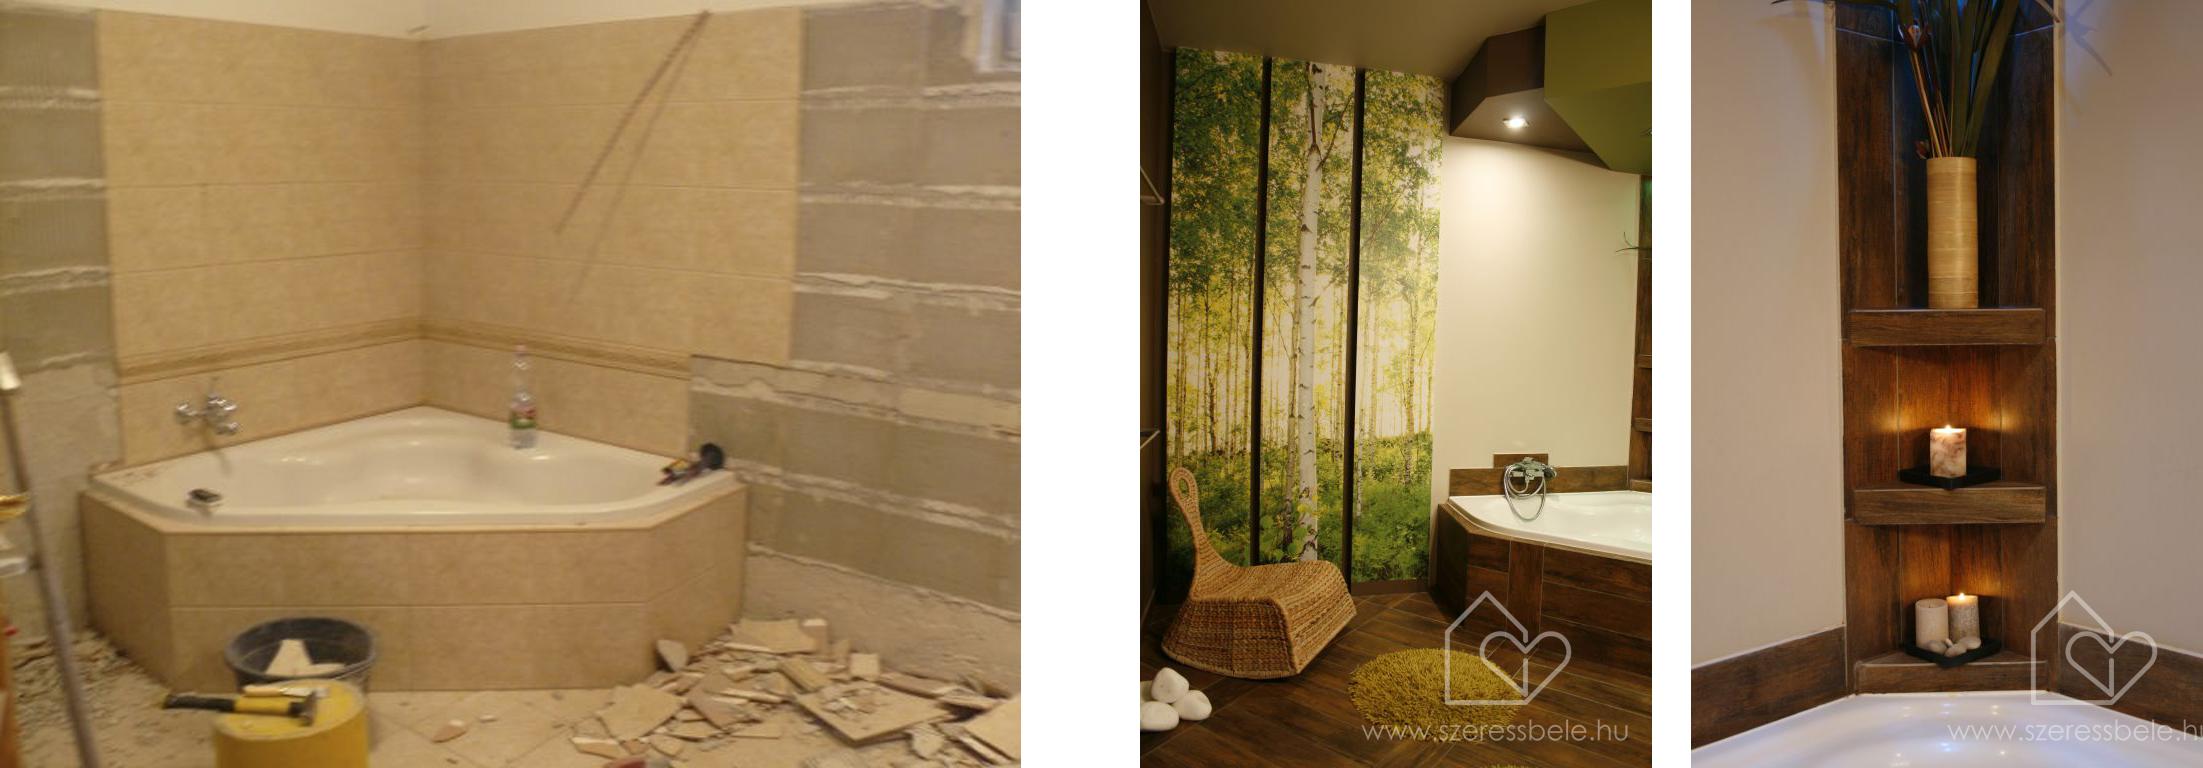 Fürdőszobánk átalakulása I.: erdei oázis készülőben :)